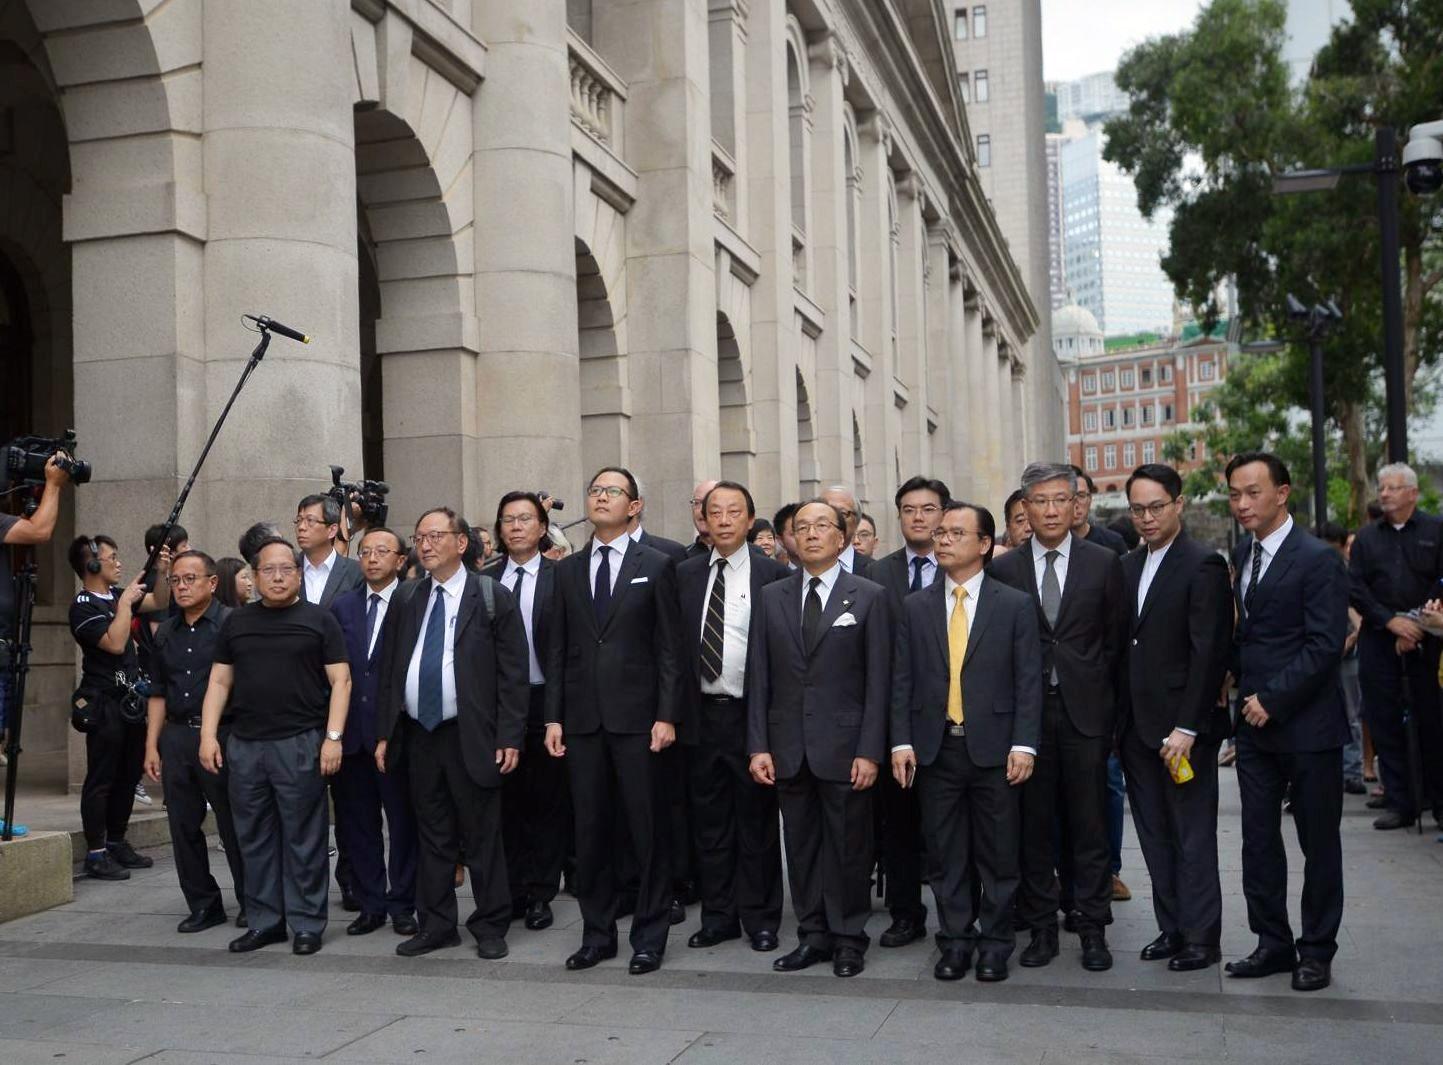 郭榮鏗及30名法律界選委發起黑衣遊行。